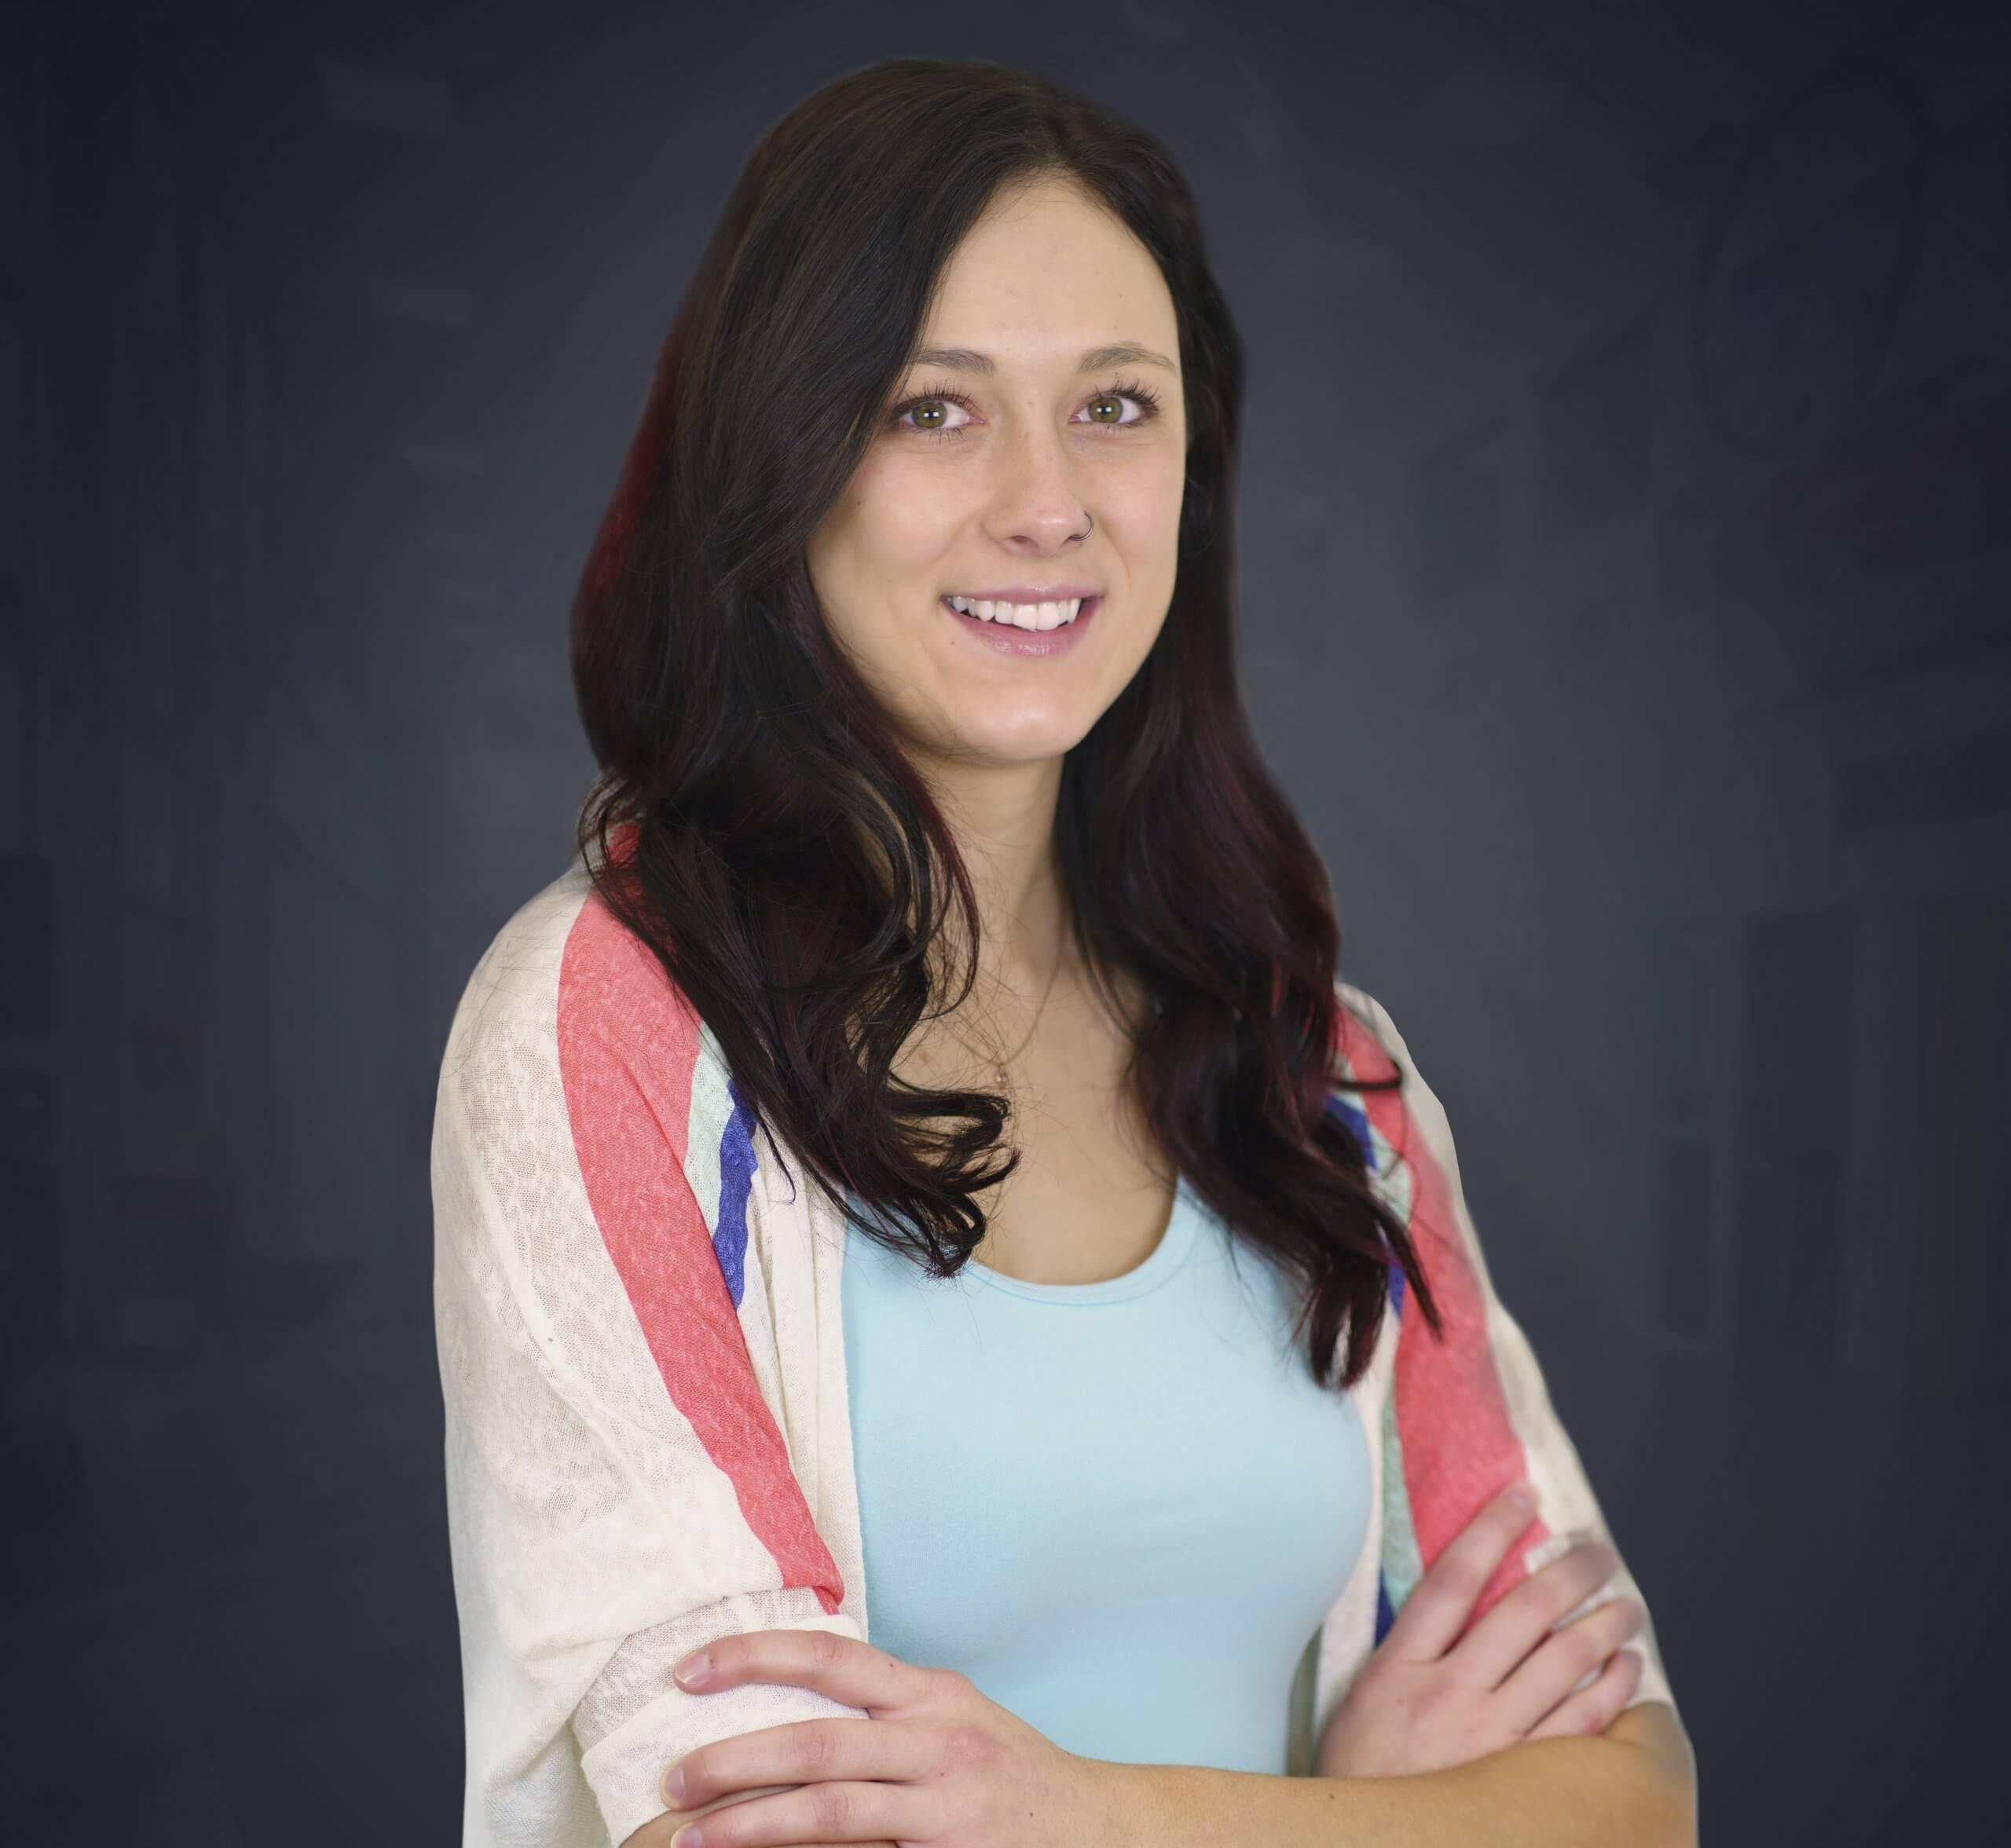 Sarah Bilokraly